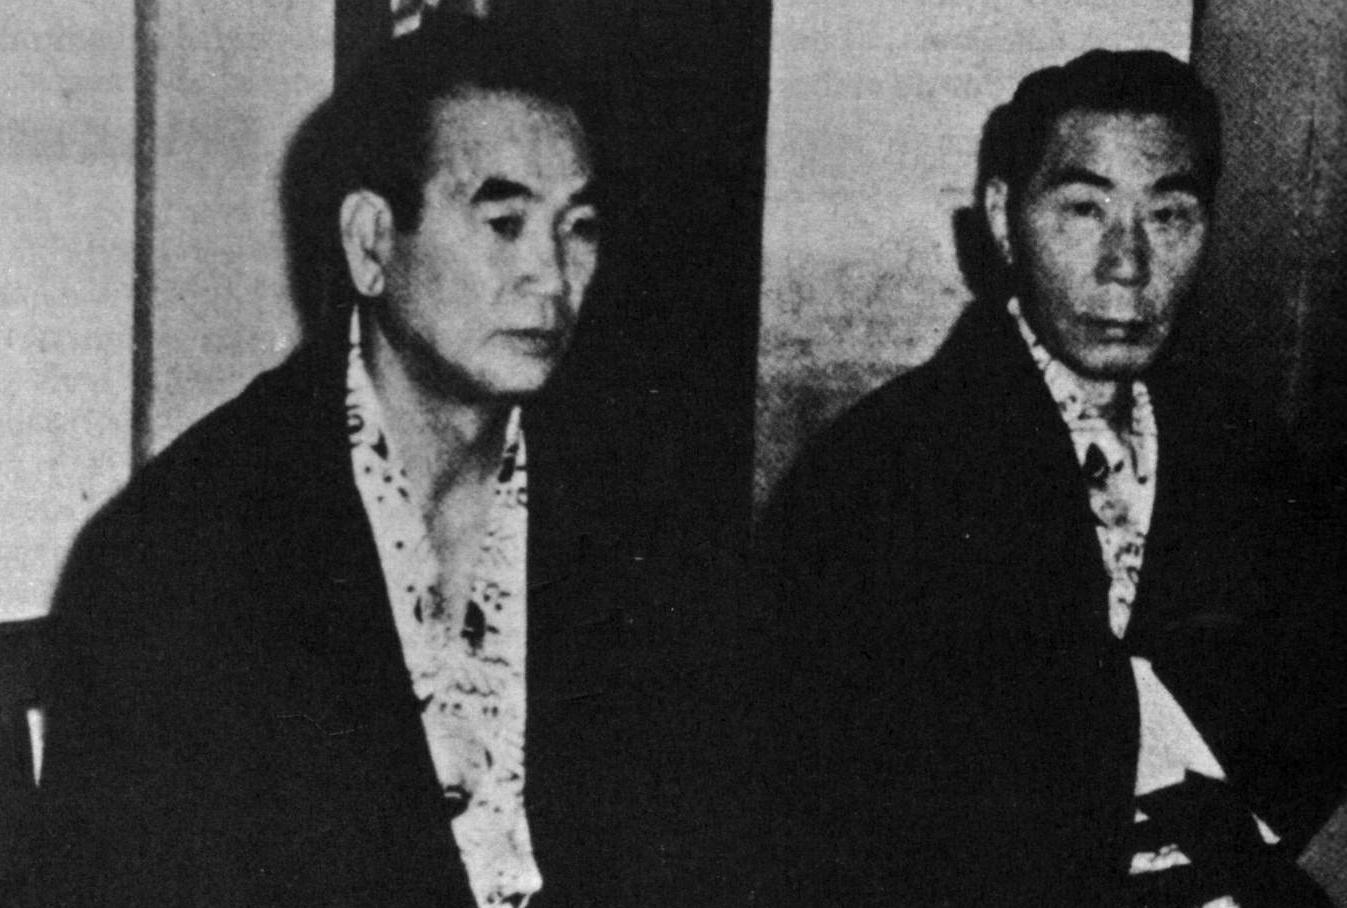 Taoka y Inagawa, jefes yakuza.